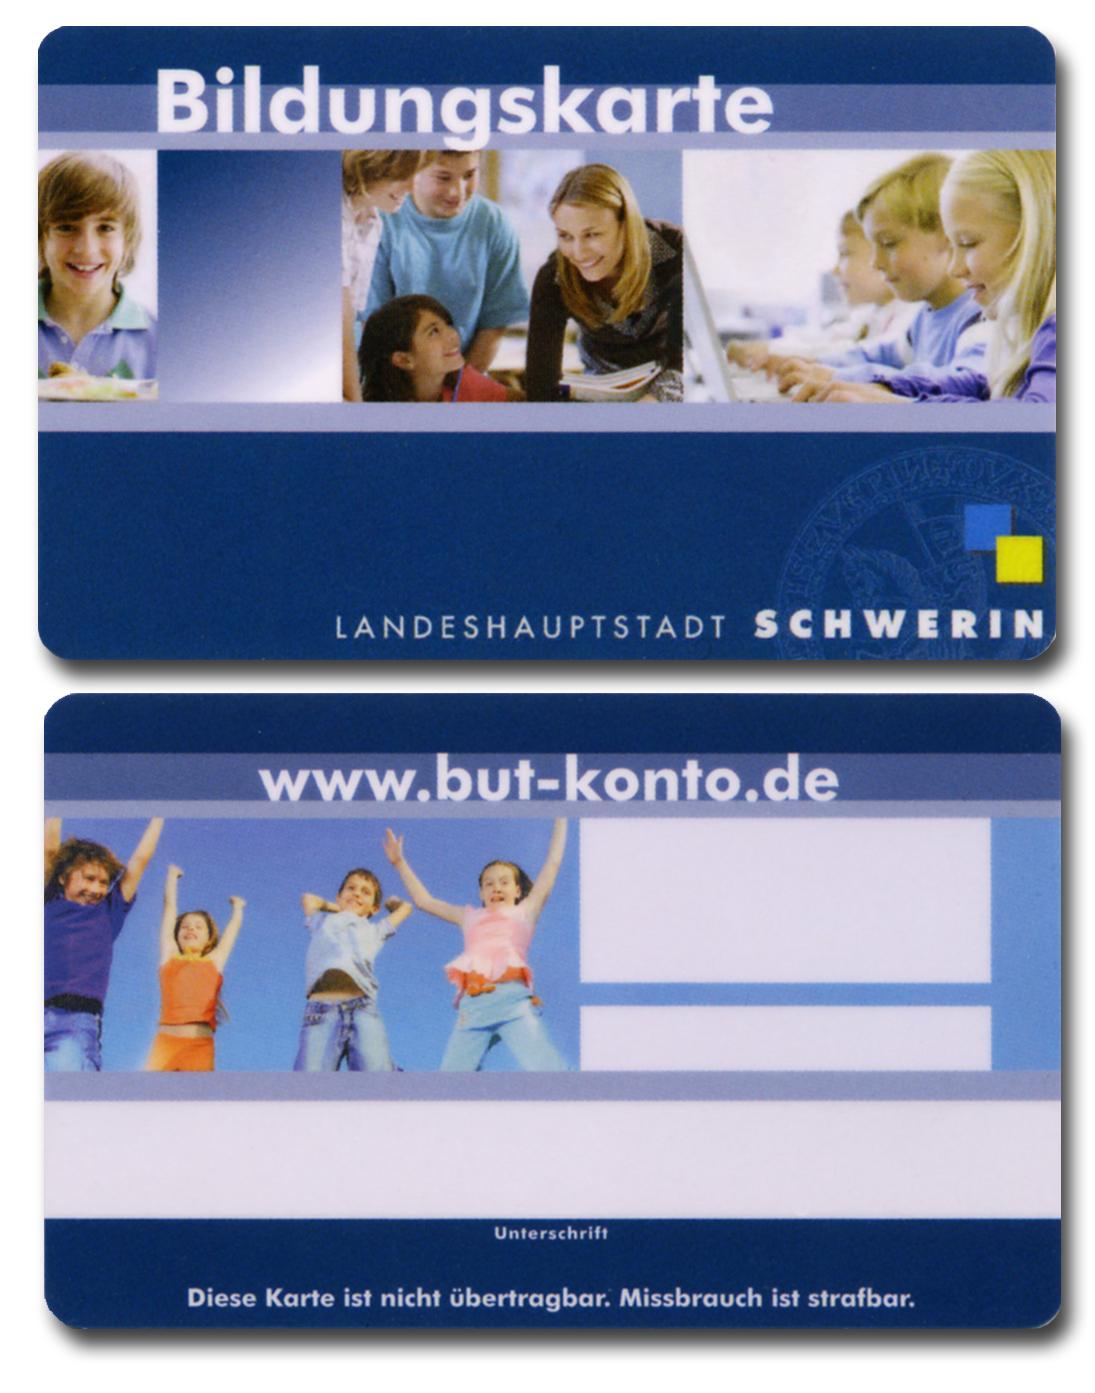 Bekanntschaften Schwerin - Kleinanzeigen Bekanntschaften für Schwerin